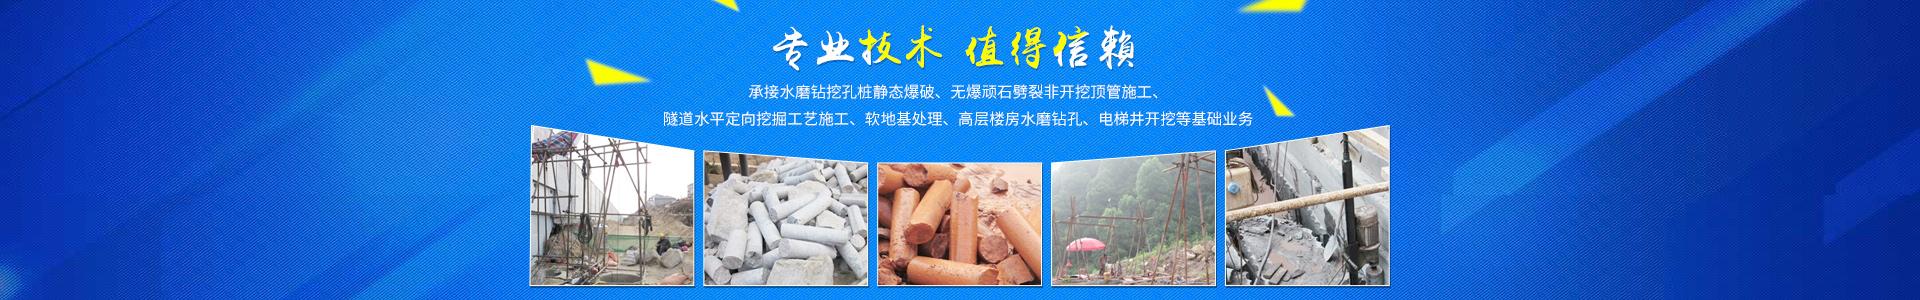 衡阳市大地工程劳务有限公司 - 衡阳断桩处理修复|衡阳二氧化碳爆破|衡阳机械灌注桩